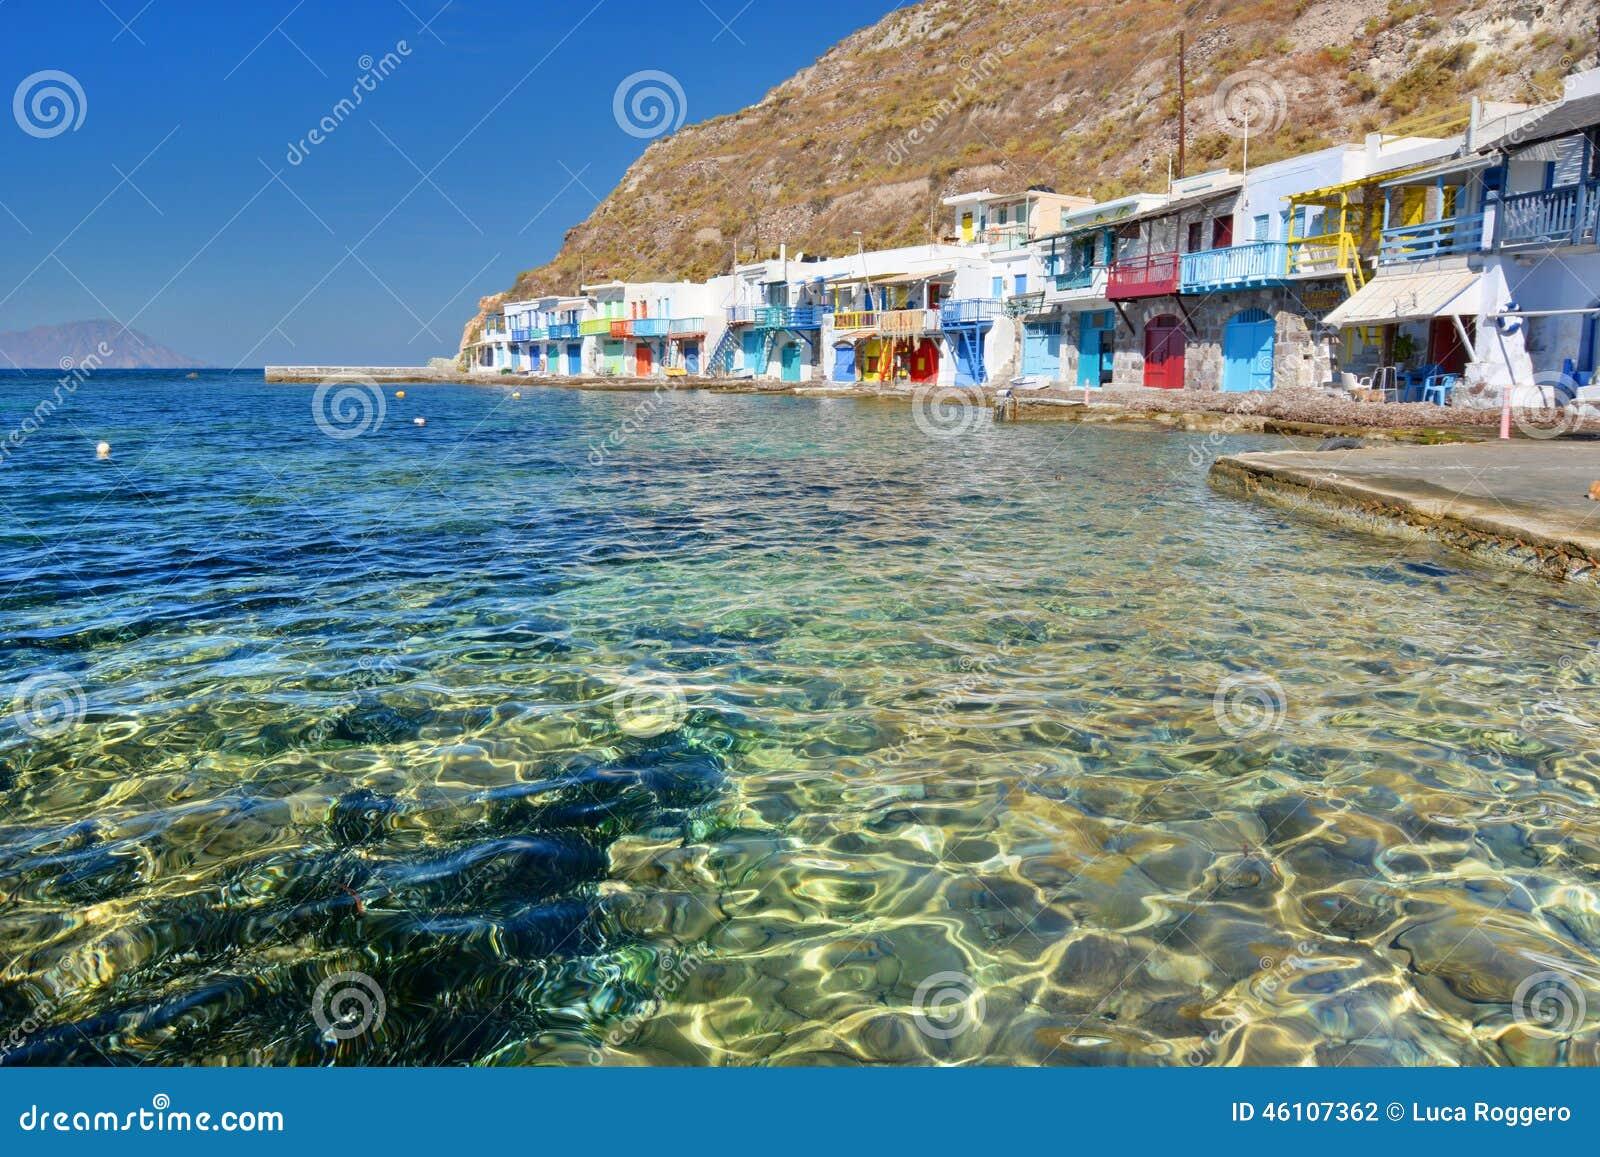 钓鱼传统村庄 Klima,芦粟 基克拉泽斯海岛 希腊